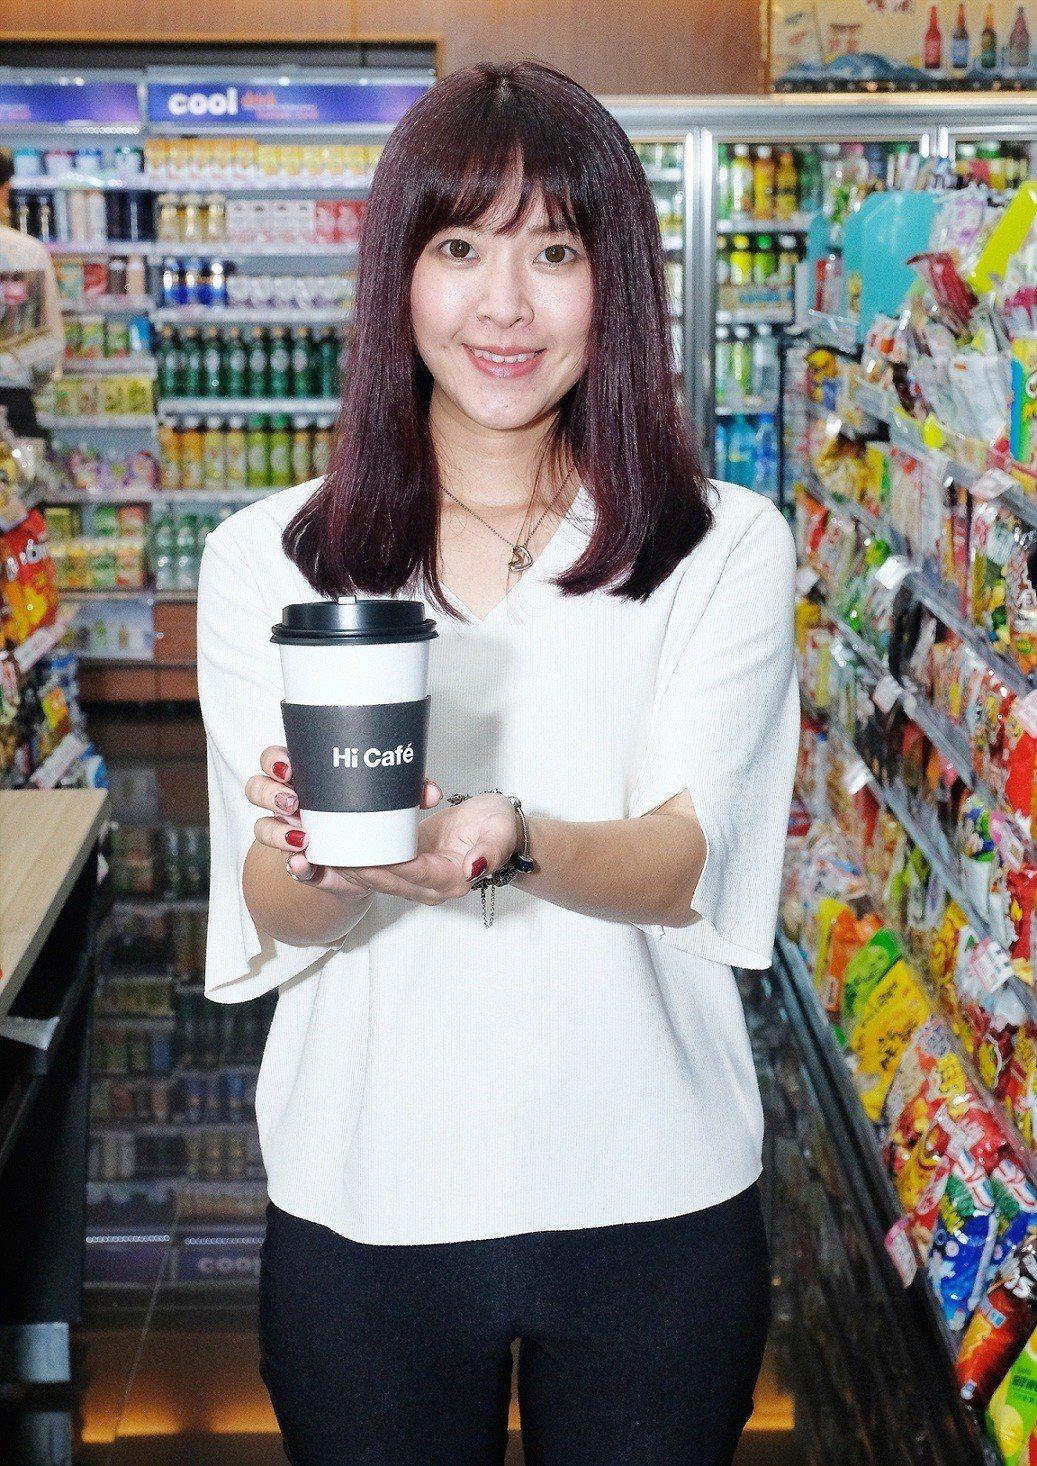 萊爾富今冬全新推出3款限量醇厚奶茶系列飲品,搶攻暖冬商機。圖/萊爾富提供